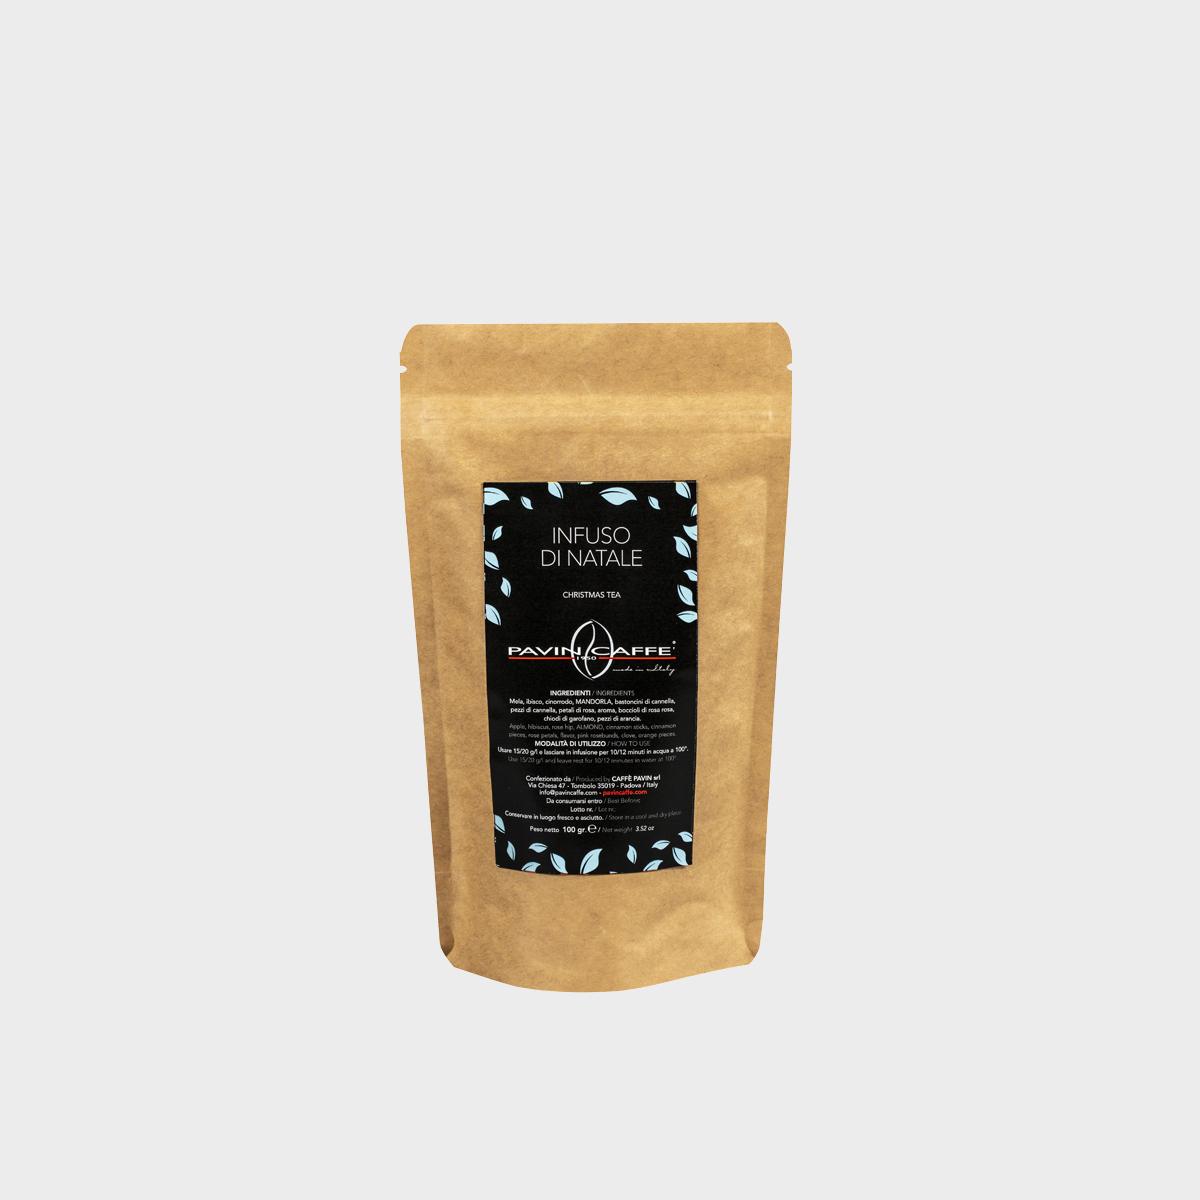 infuso-di-natale-pavin-caffe